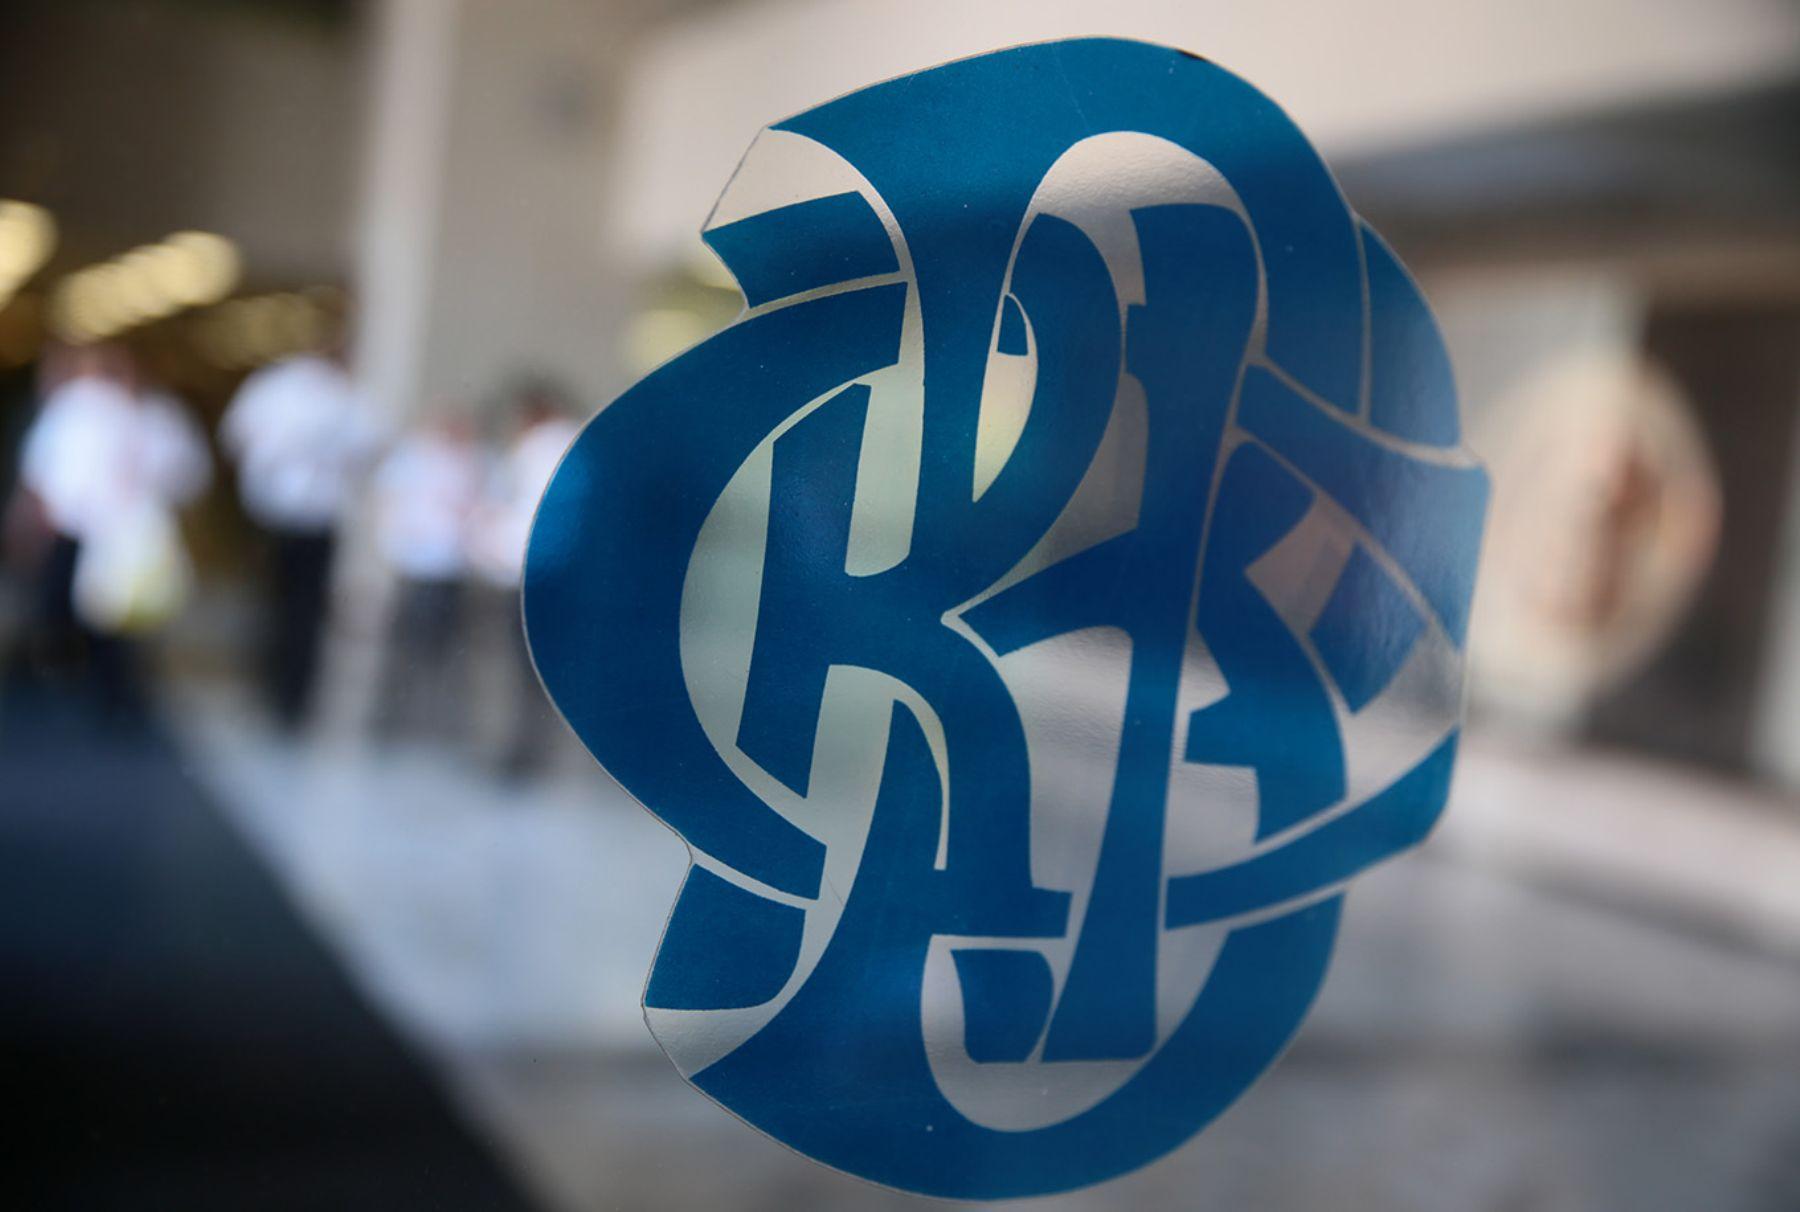 Alza de tasa del BCR: entre las expectativas de inflación y su credibilidad